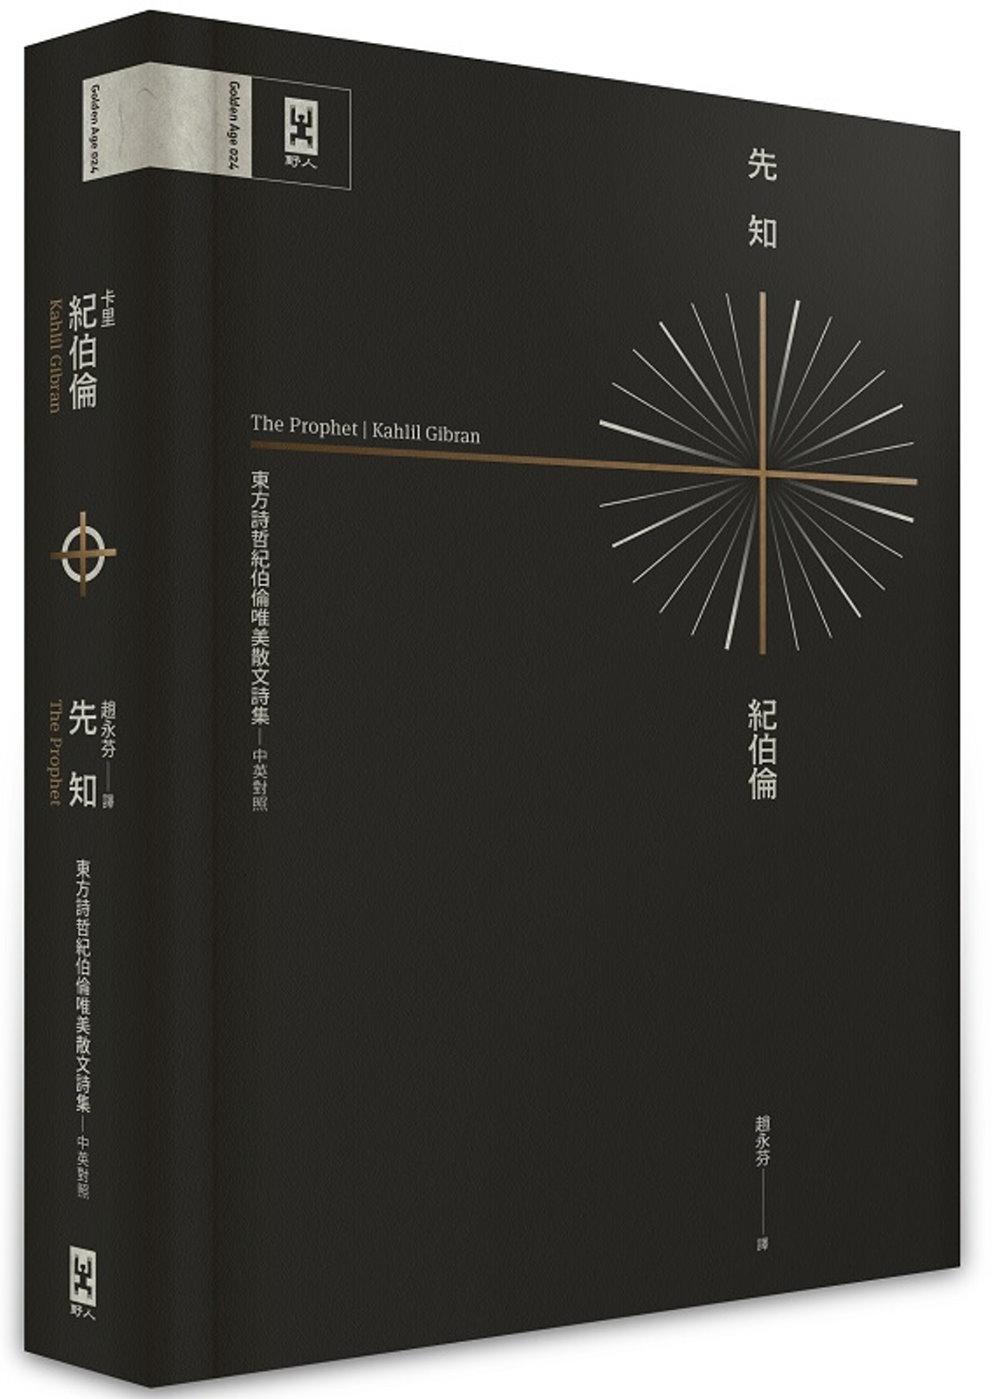 先知:東方詩哲紀伯倫唯美散文詩集【中英對照‧精裝珍藏版】(二版)